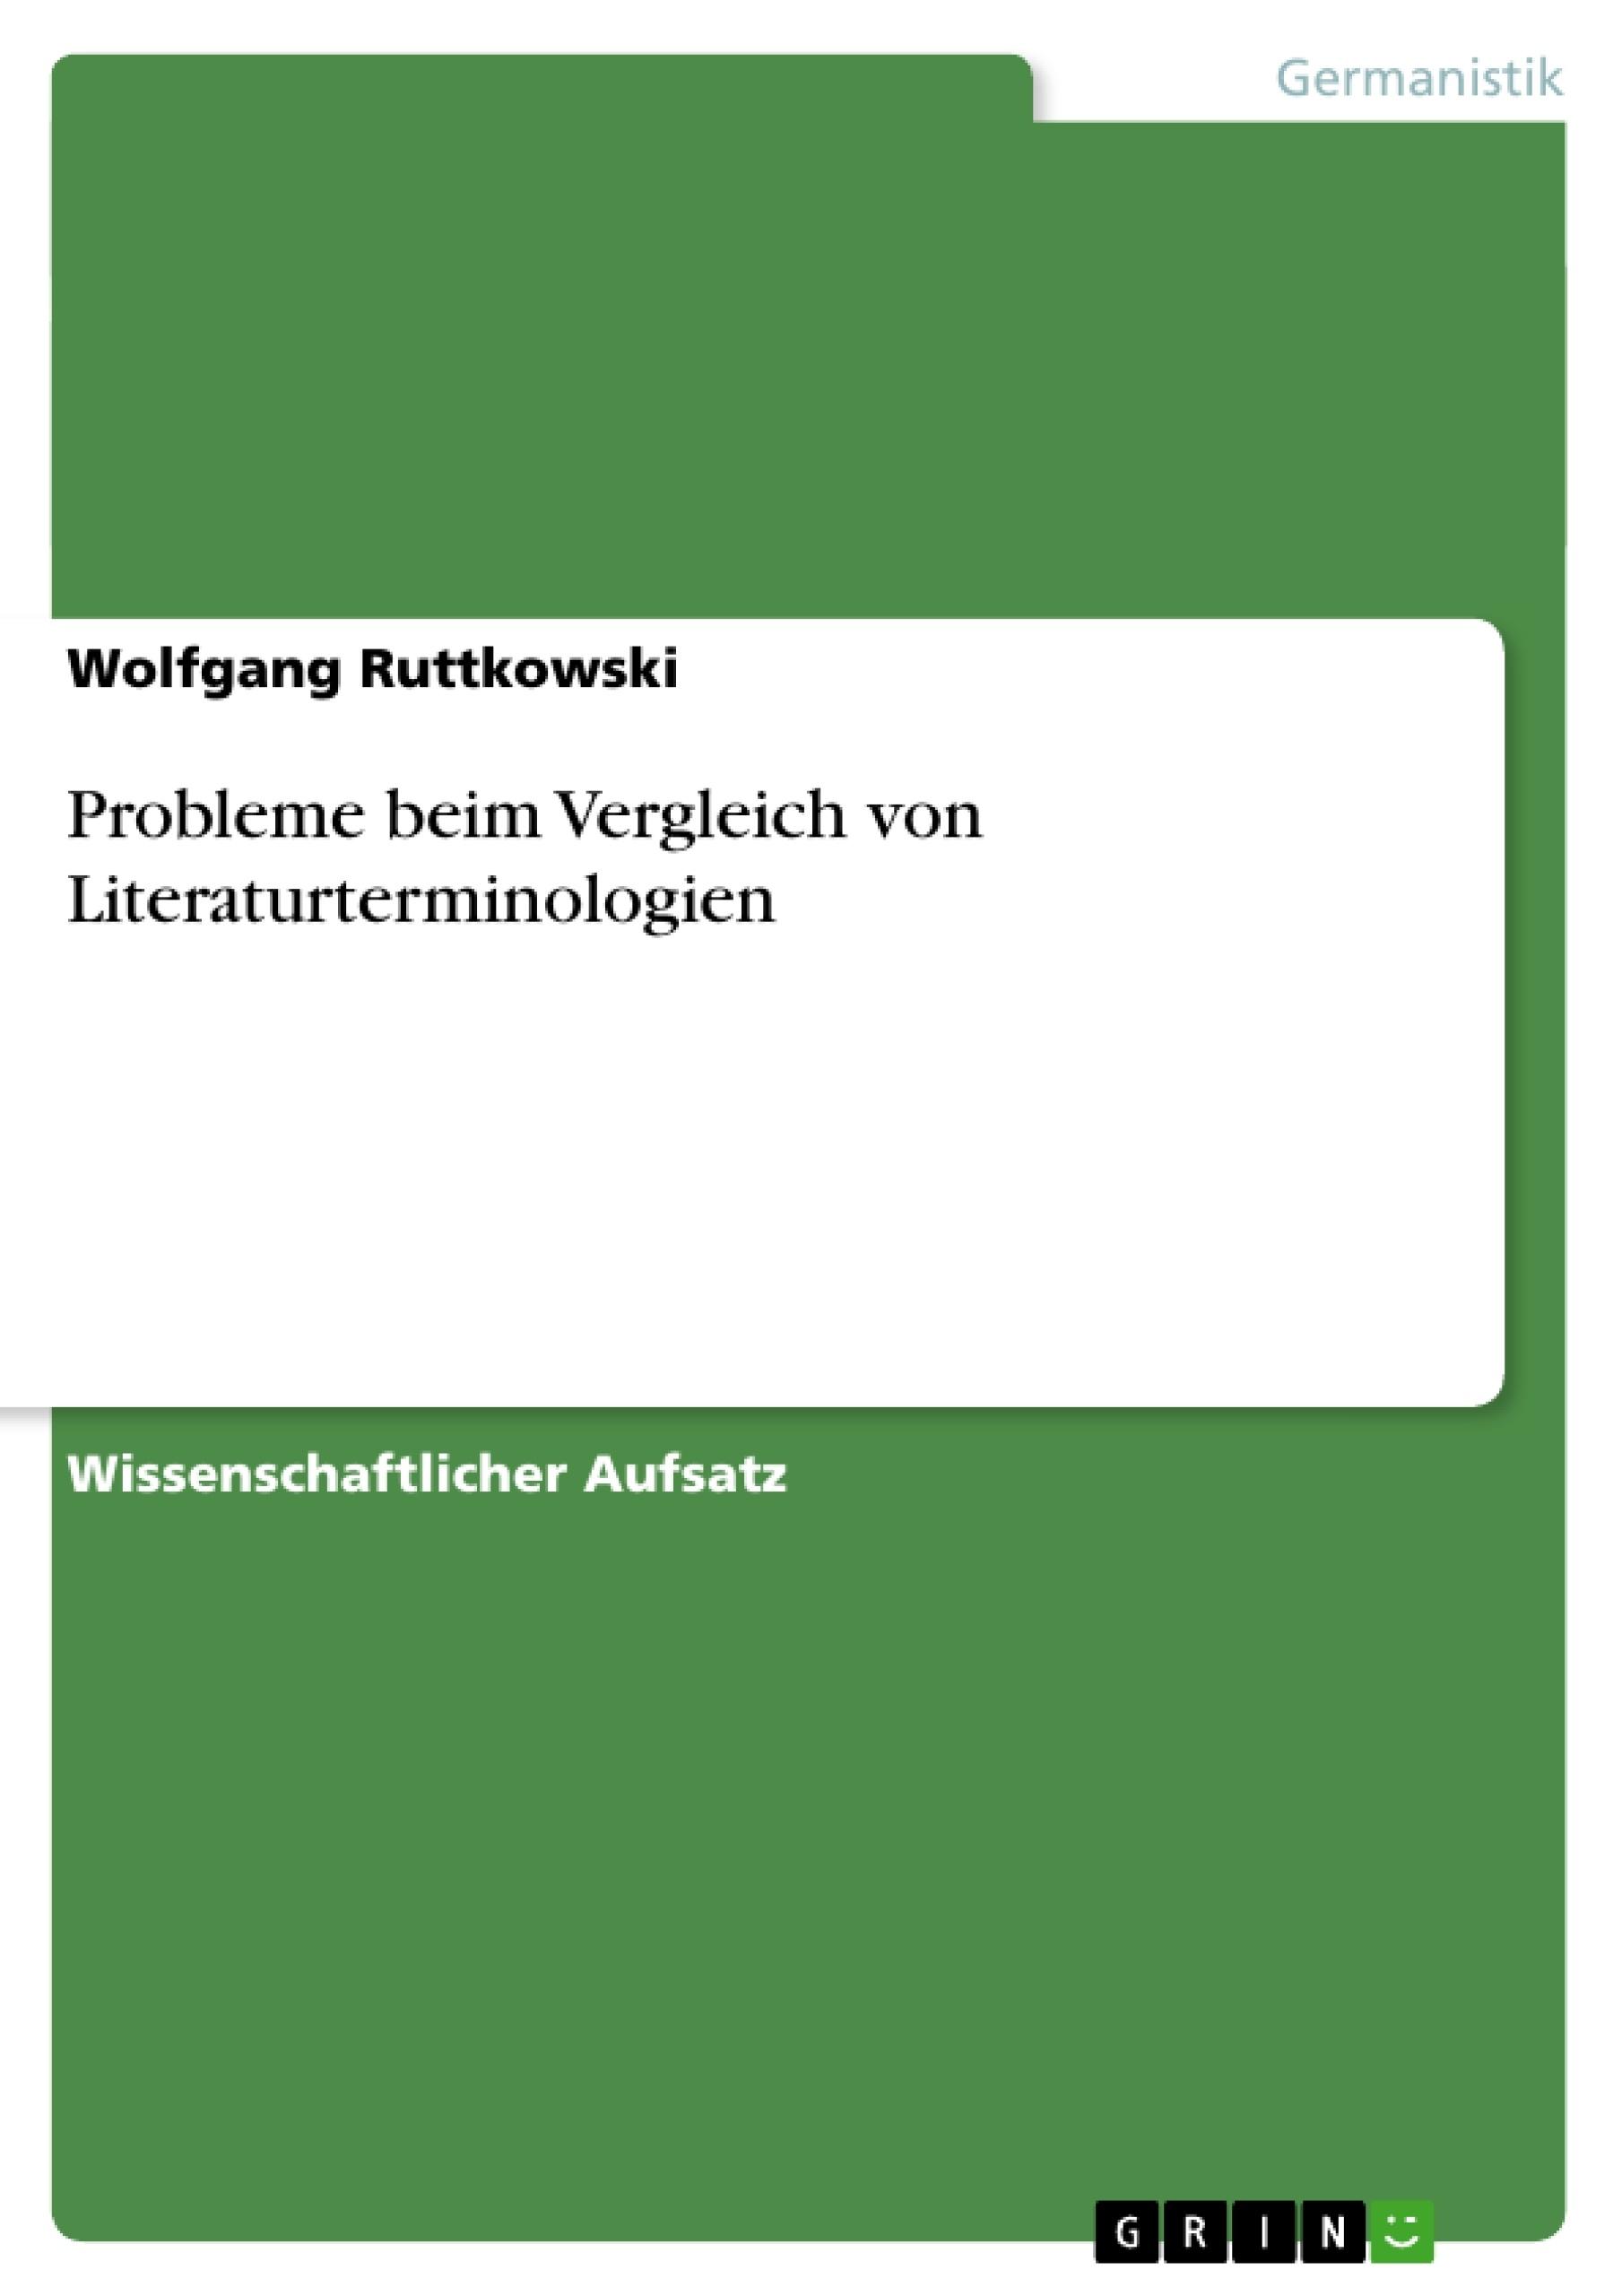 Titel: Probleme beim Vergleich von Literaturterminologien